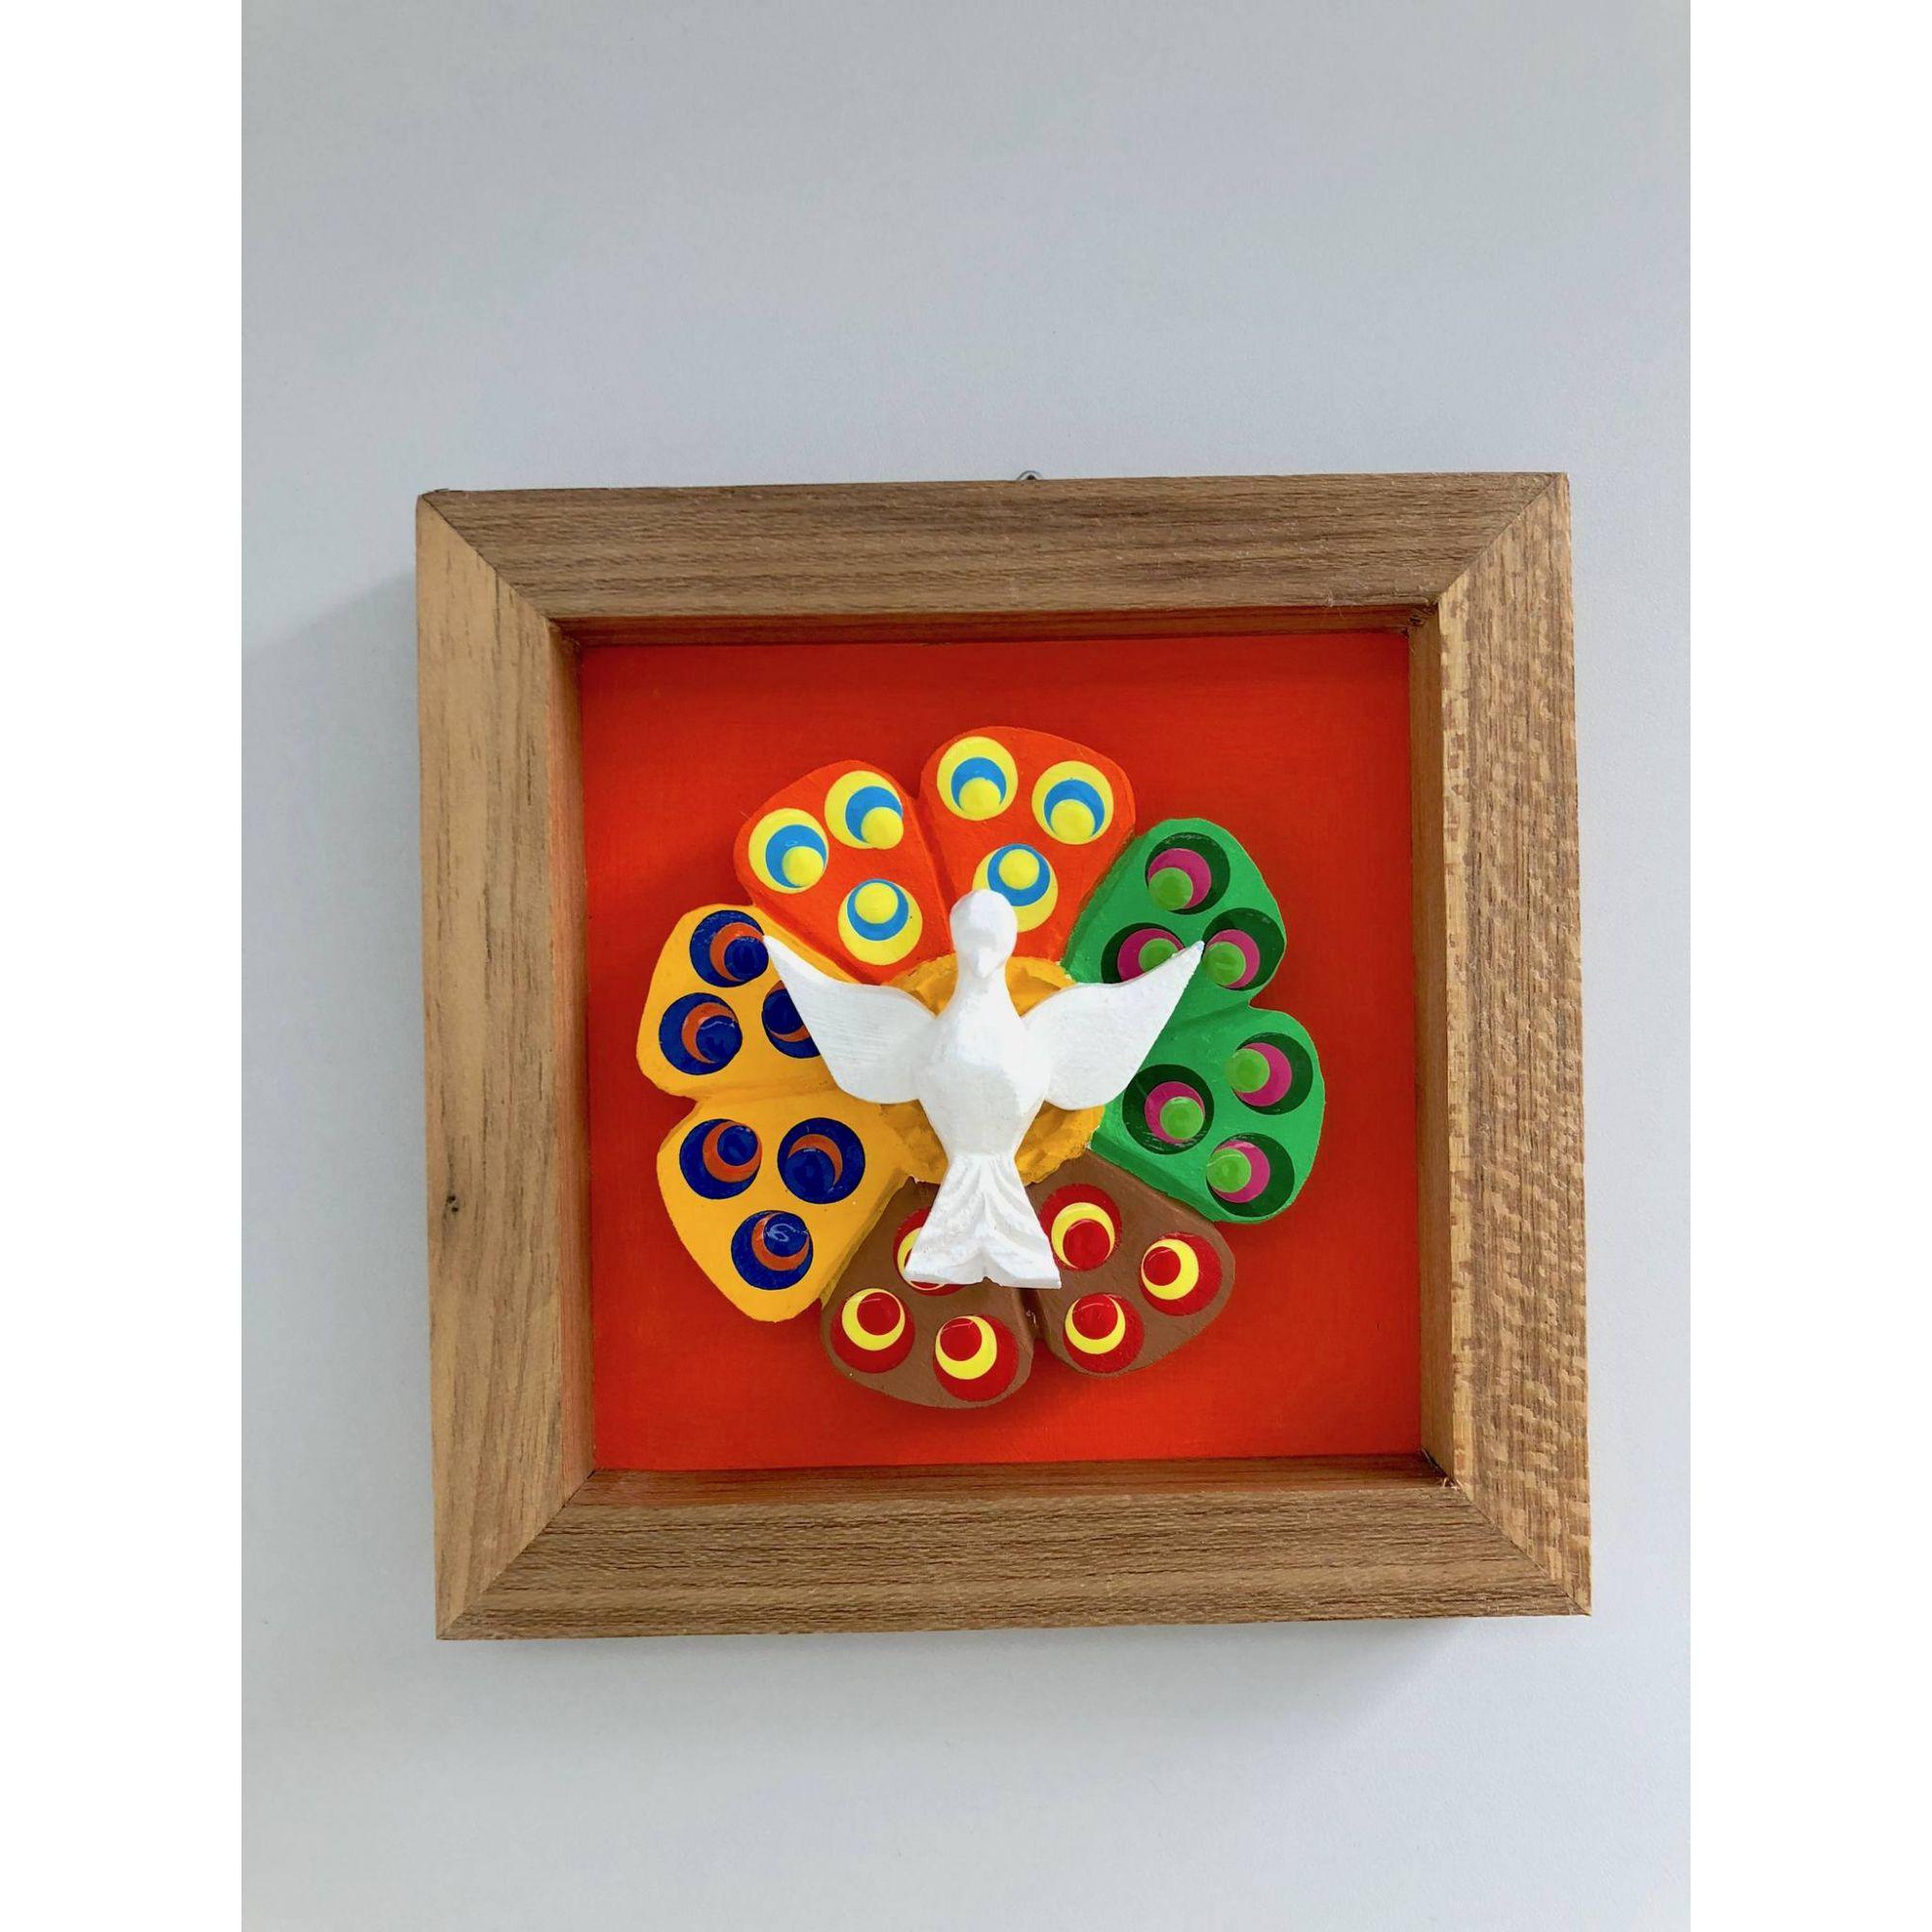 Quadros de decoração em madeira com Divino. Quartos, varandas, salas, cozinha (6x6 cm).